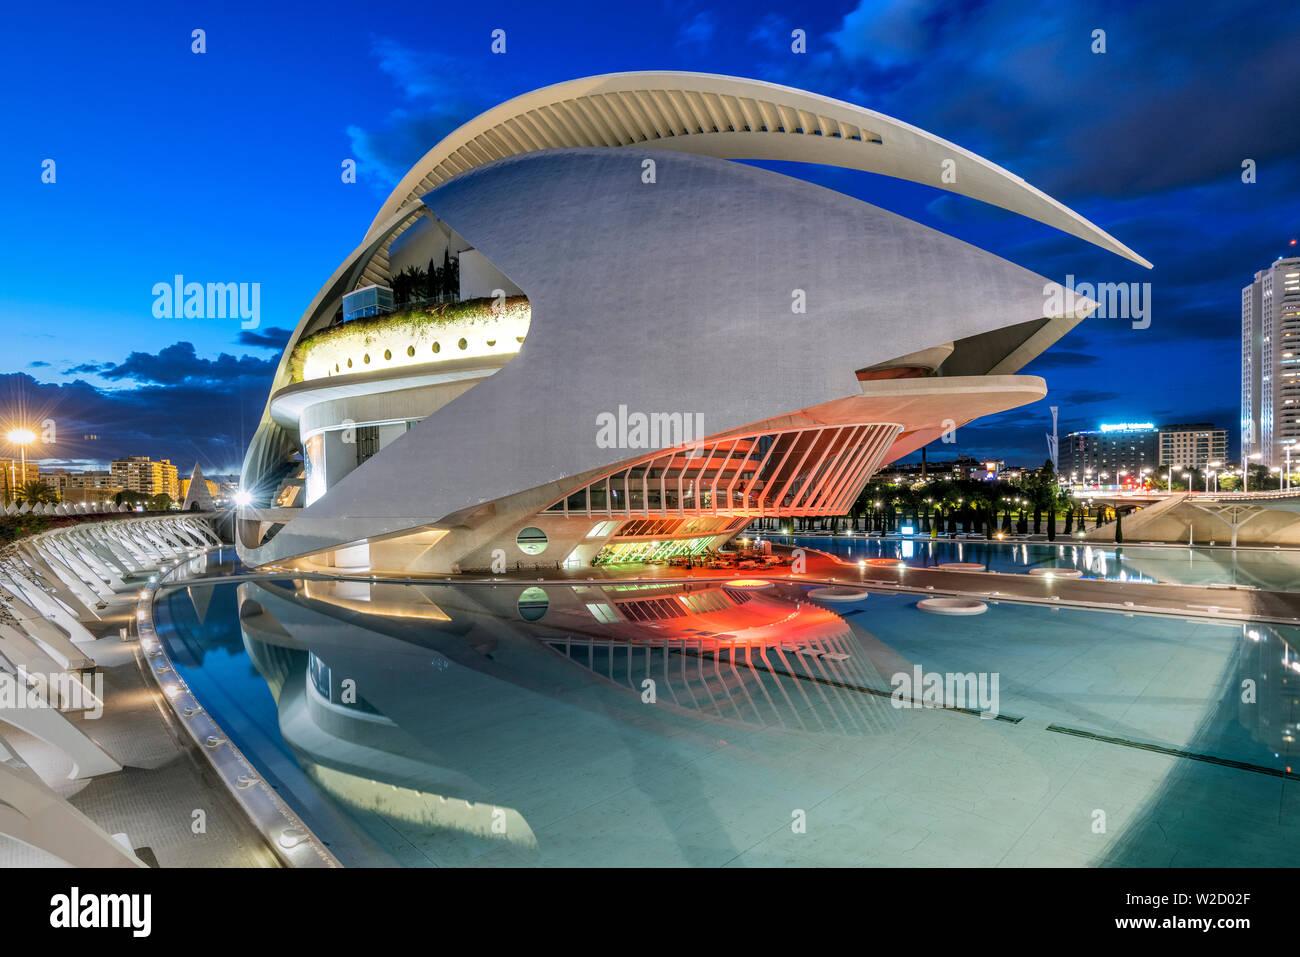 Palau de les arts Reina Sofia opéra, Cité des Arts et des sciences ou Ciudad de las Artes y las Ciencias, Valencia, Comunidad Valenciana, Espagne Banque D'Images